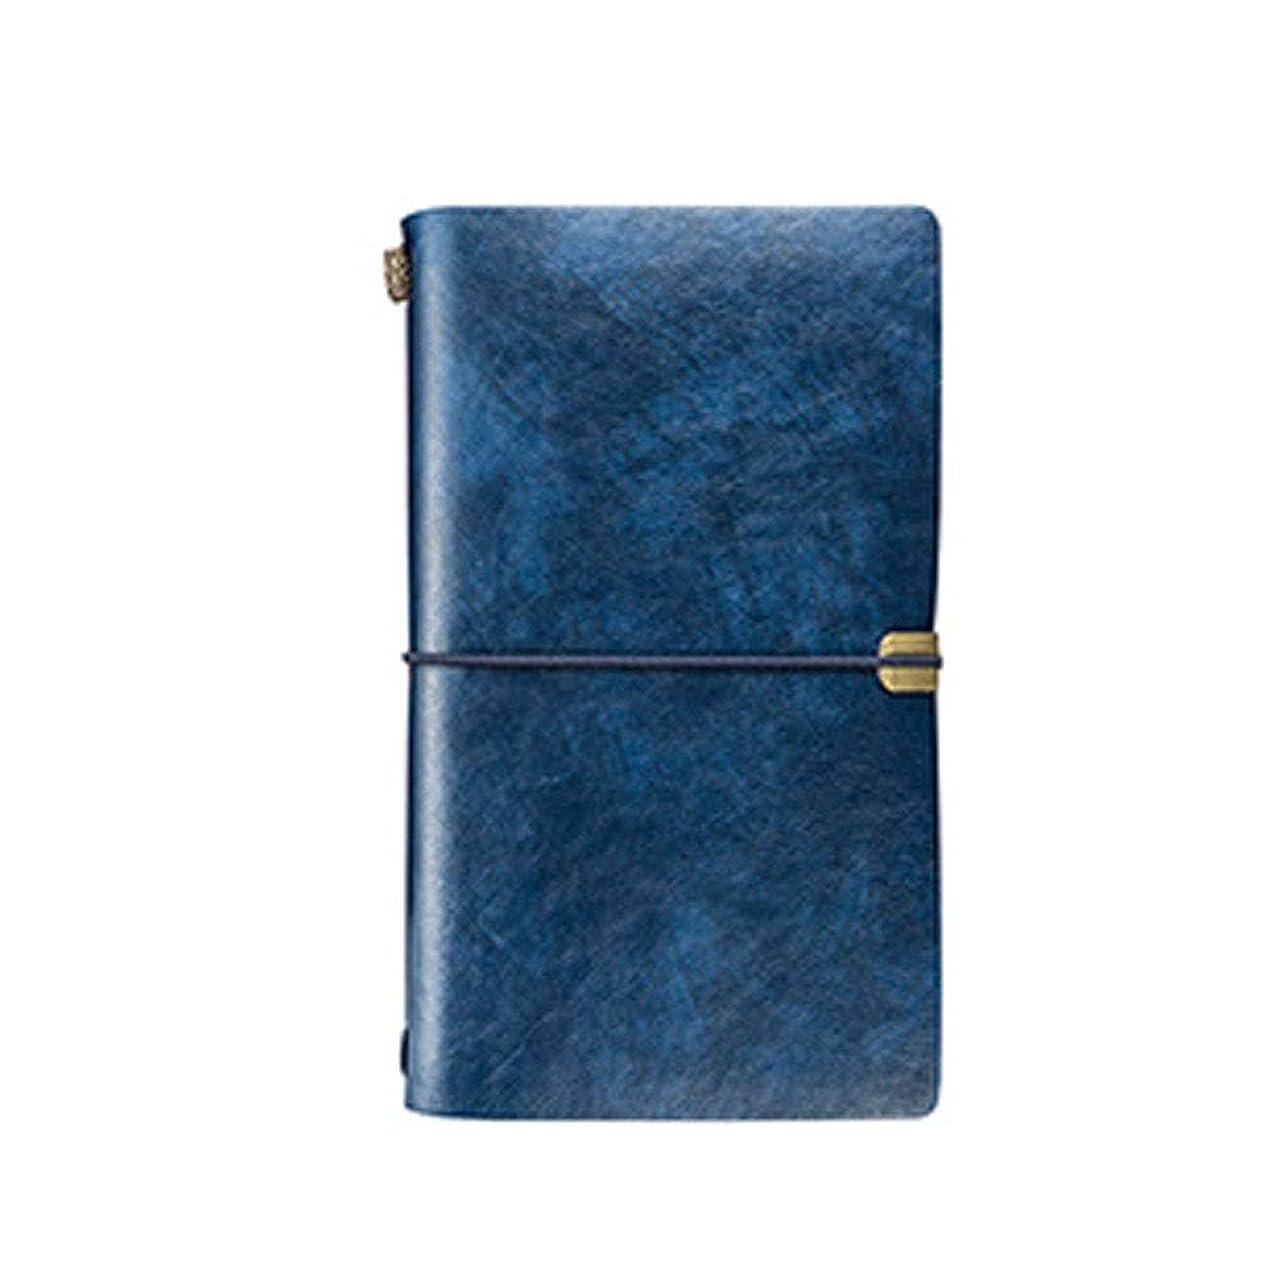 クリエイティブヴィンテージルーズリーフノートブック、A6オフィスノートブック、多機能ポータブルトラベルアカウントブック、結束ローププラン日記、グリーン/ブルー/ブラウン/オレンジ、高品質 (Color : Blue)